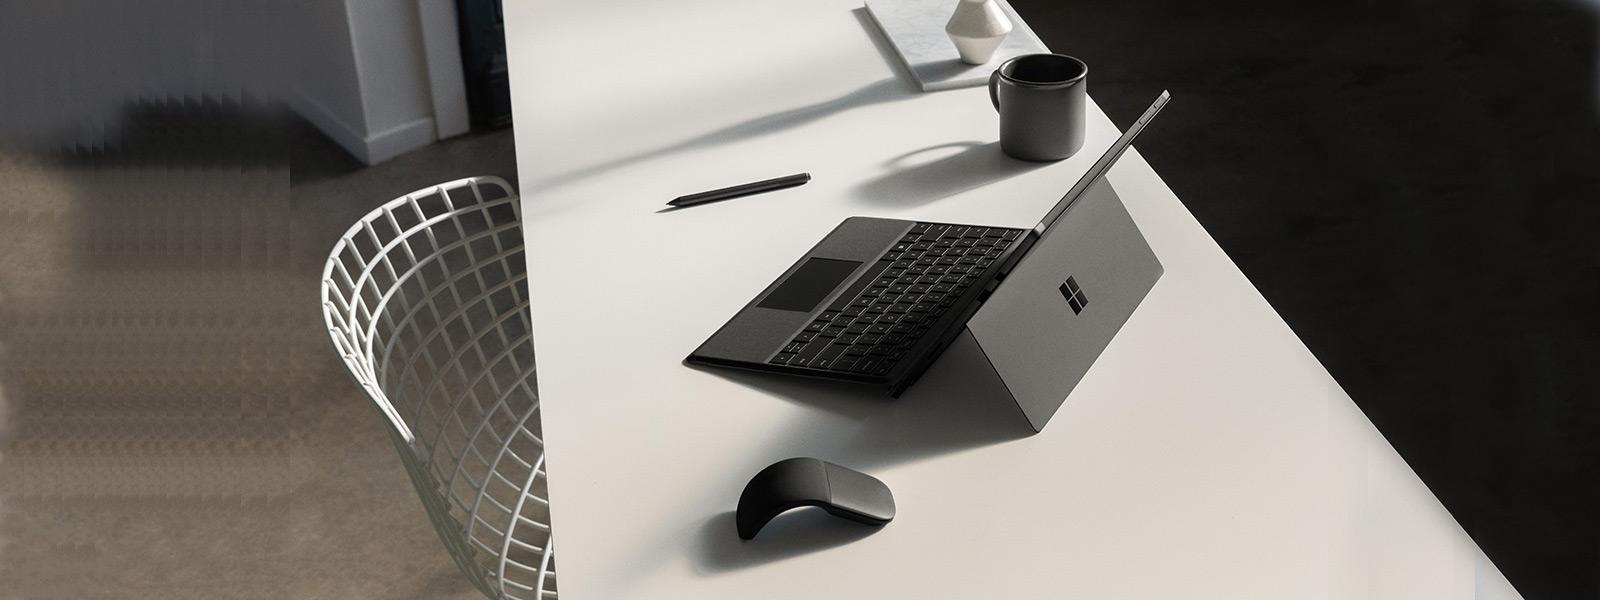 Surface Pro 6 auf einem Schreibtisch im Laptop-Modus mit Surface Pro Type Cover, Surface Pen und Surface Arc Mouse